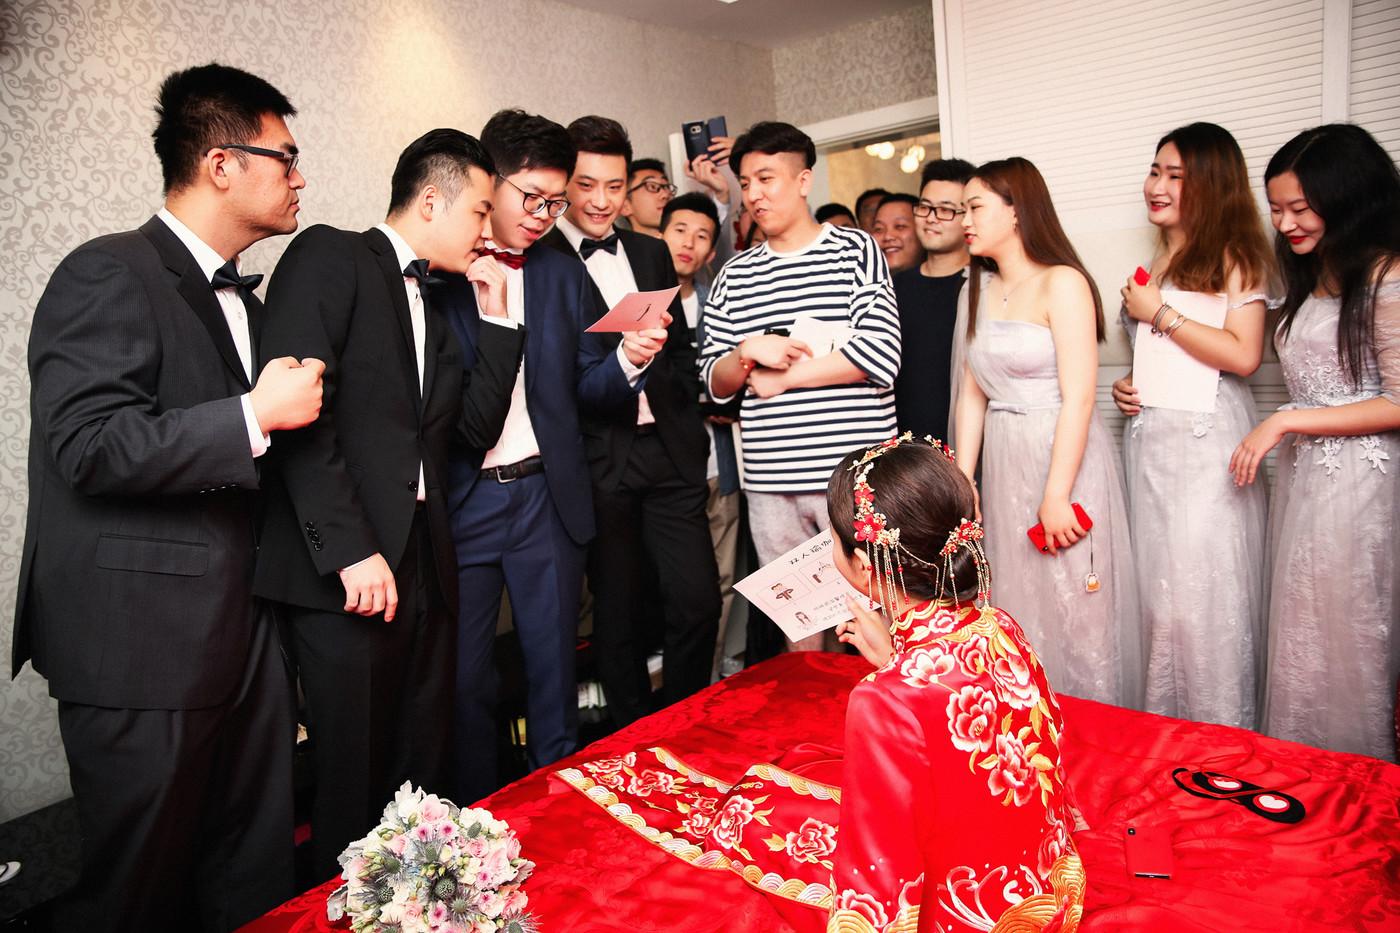 【KAI 婚礼纪实】P&S 南京婚礼25